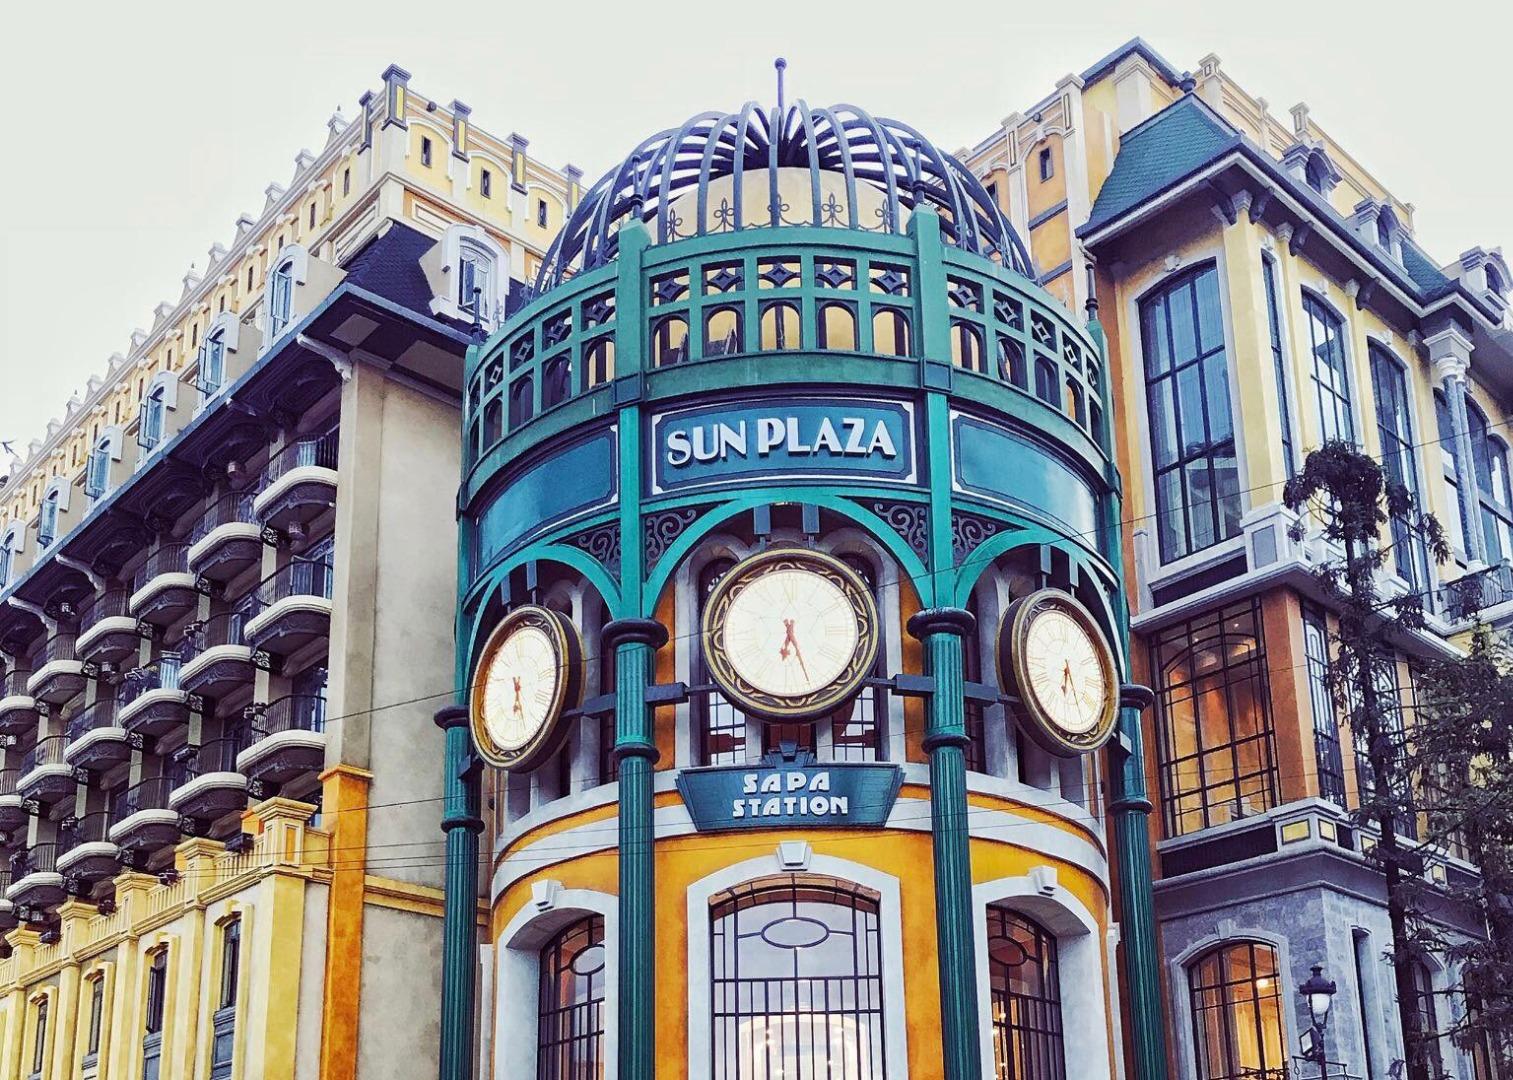 Đến Sapa check in cực chất với tòa nhà Sun Plaza tựa như đường phố châu Âu